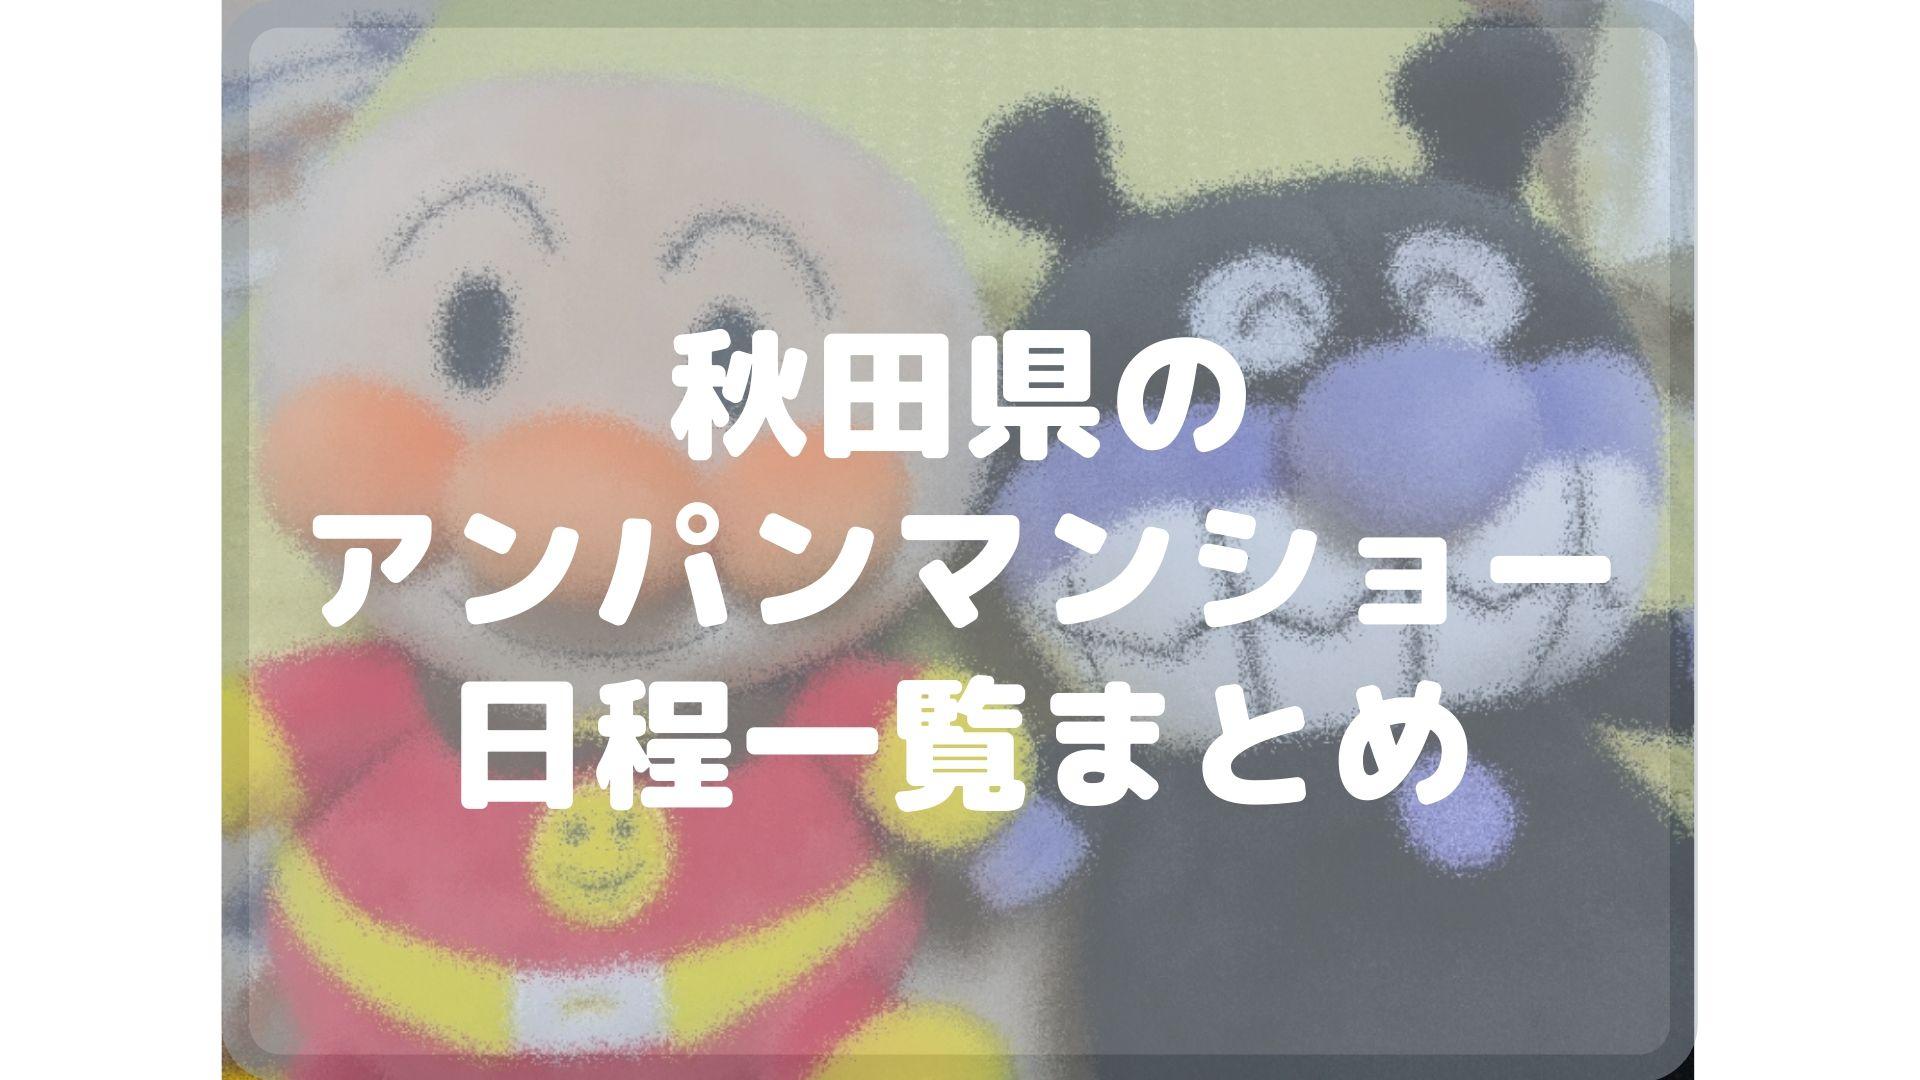 秋田県のアンパンマンショーまとめタイトル画像